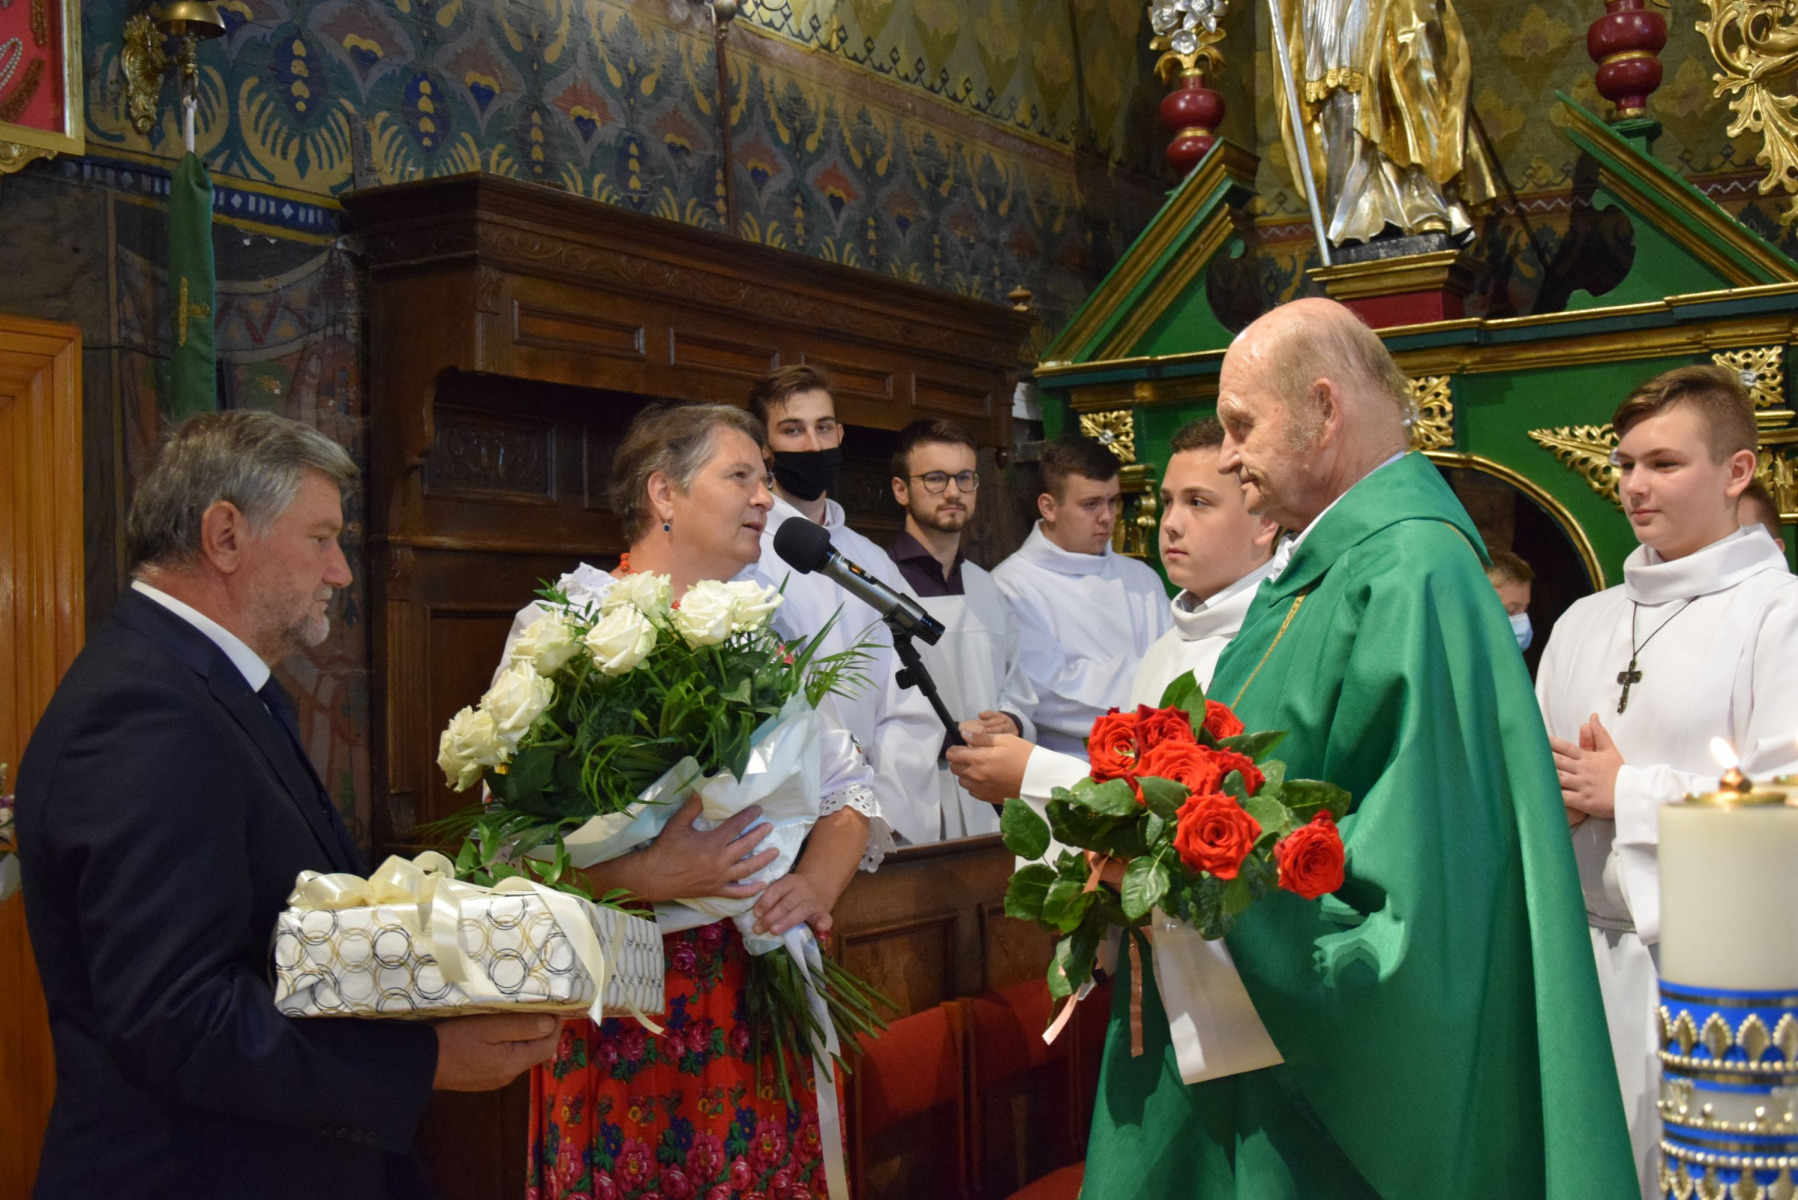 2021.06.27-Msza-dziekczynna-za-posluge-proboszcza-ks.-Waclawa-Bednarza_3